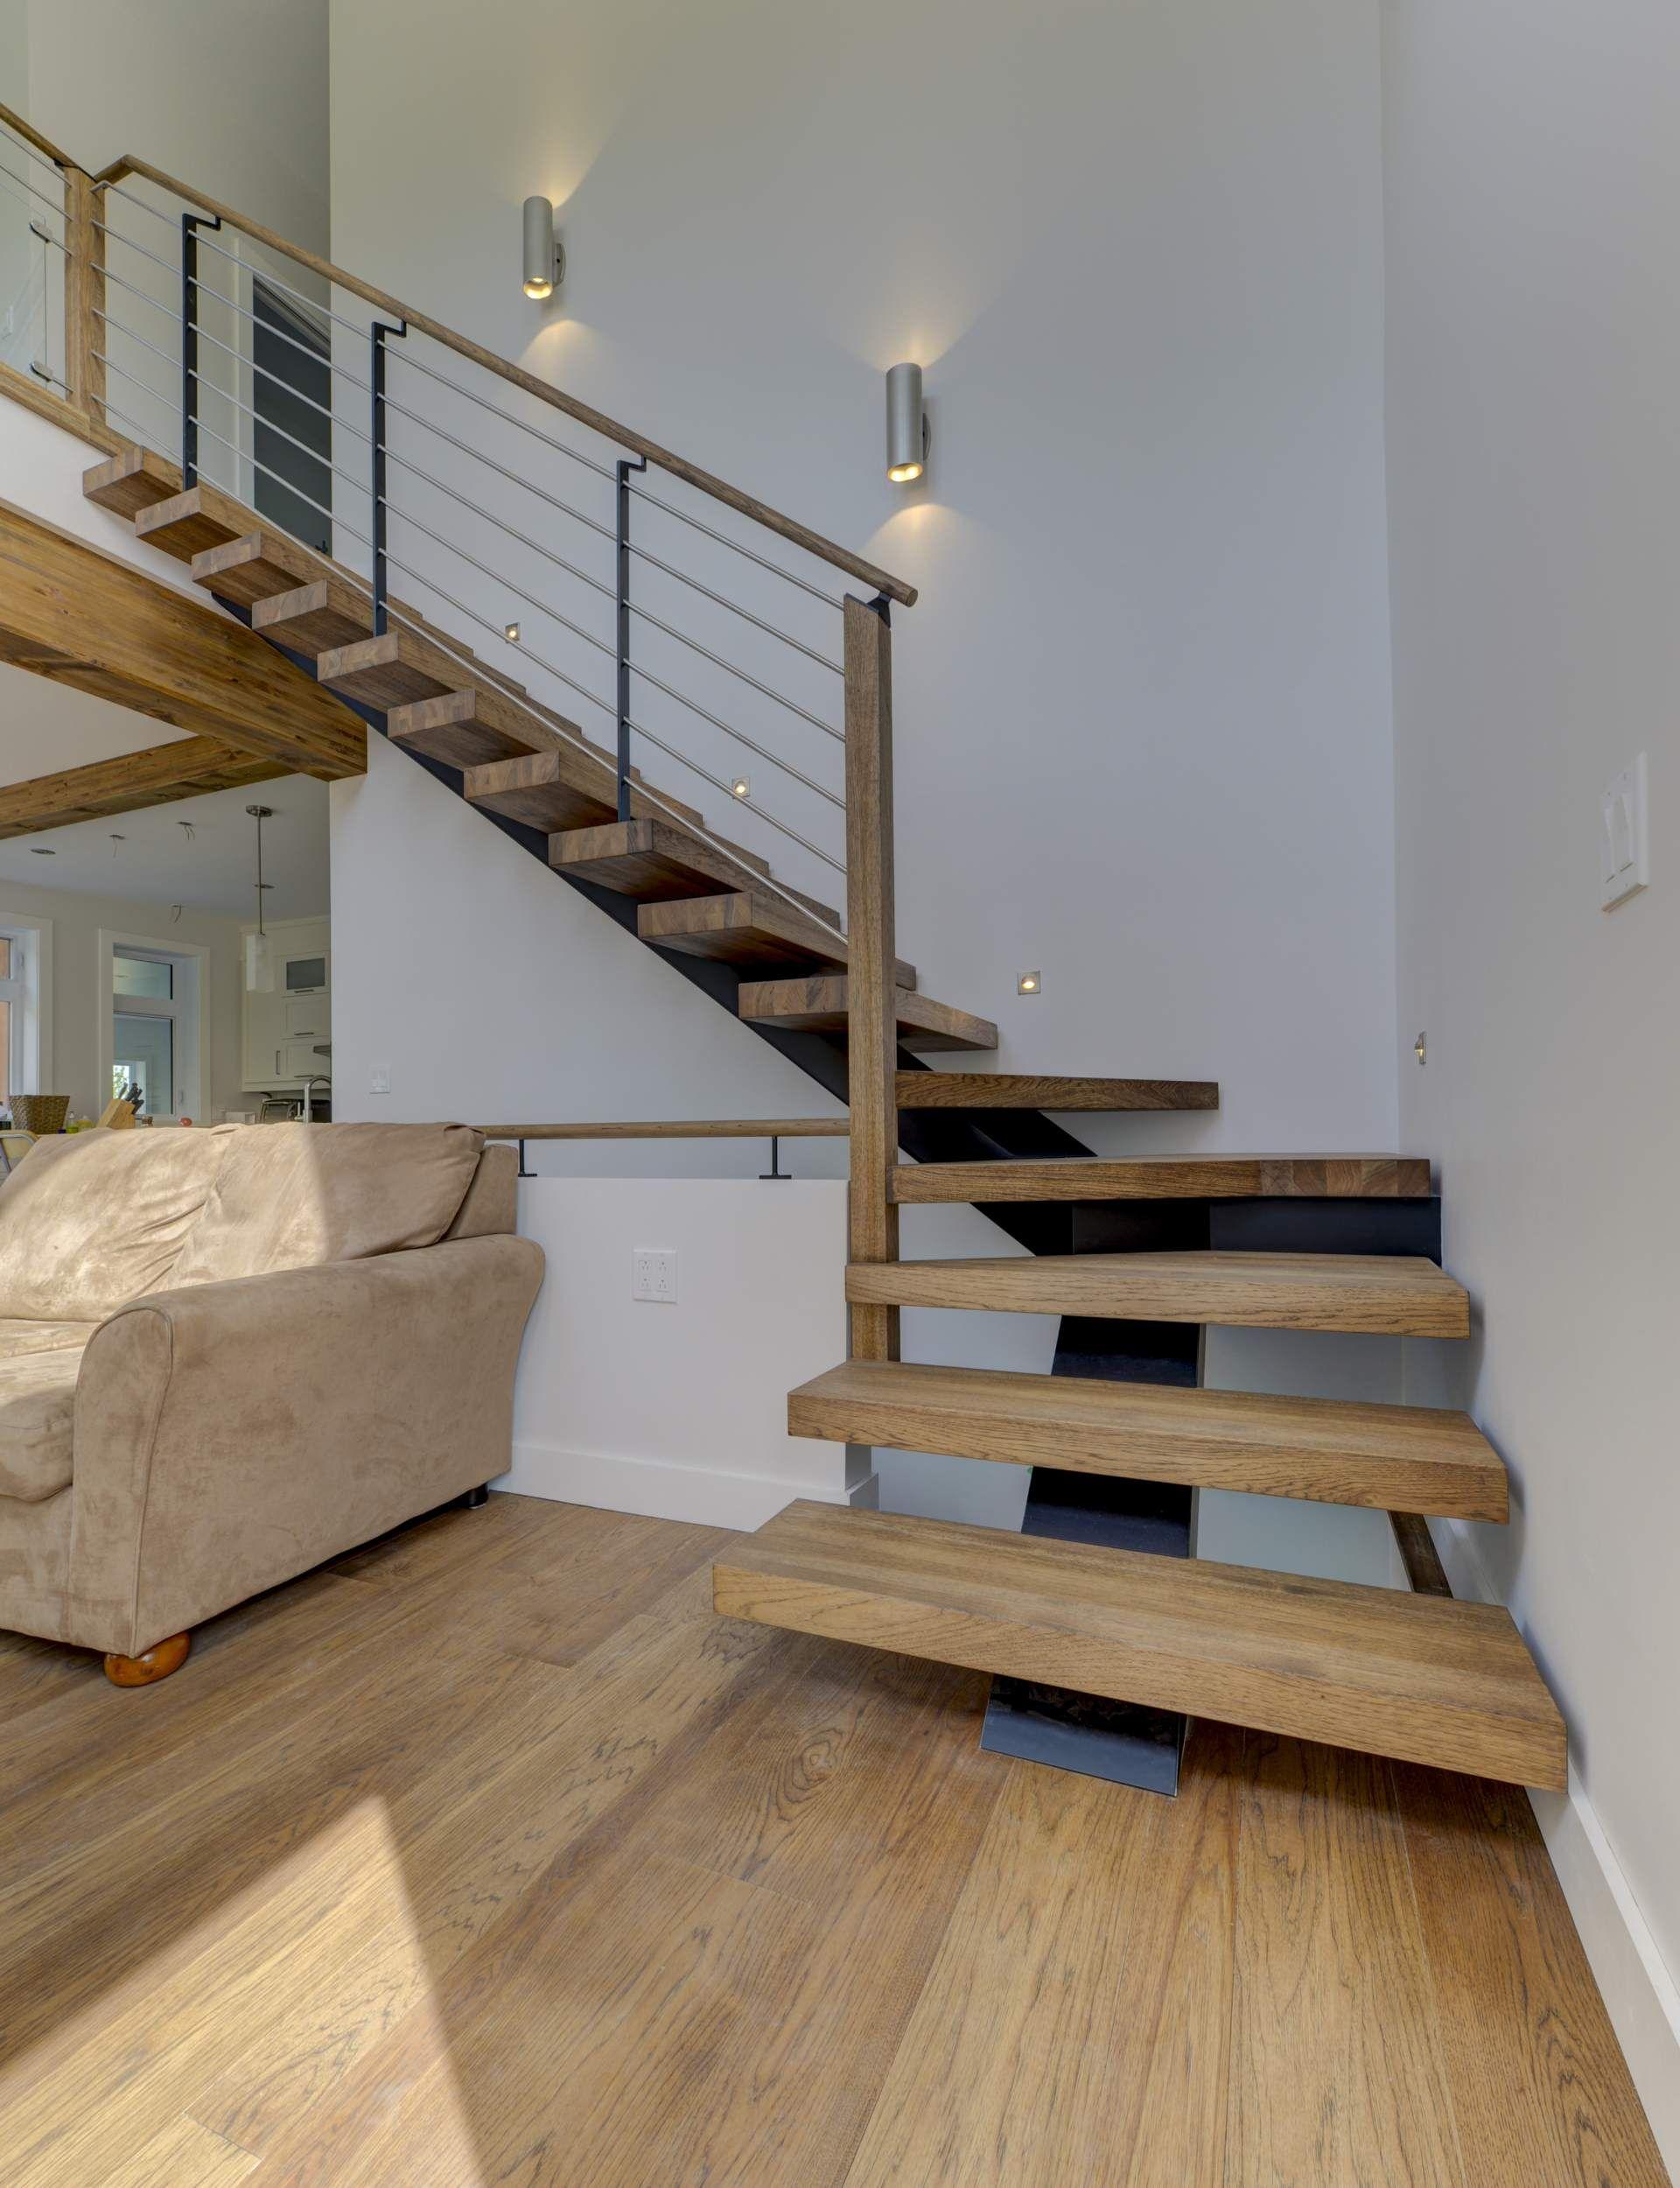 pingl par sur 2 escalier bois. Black Bedroom Furniture Sets. Home Design Ideas